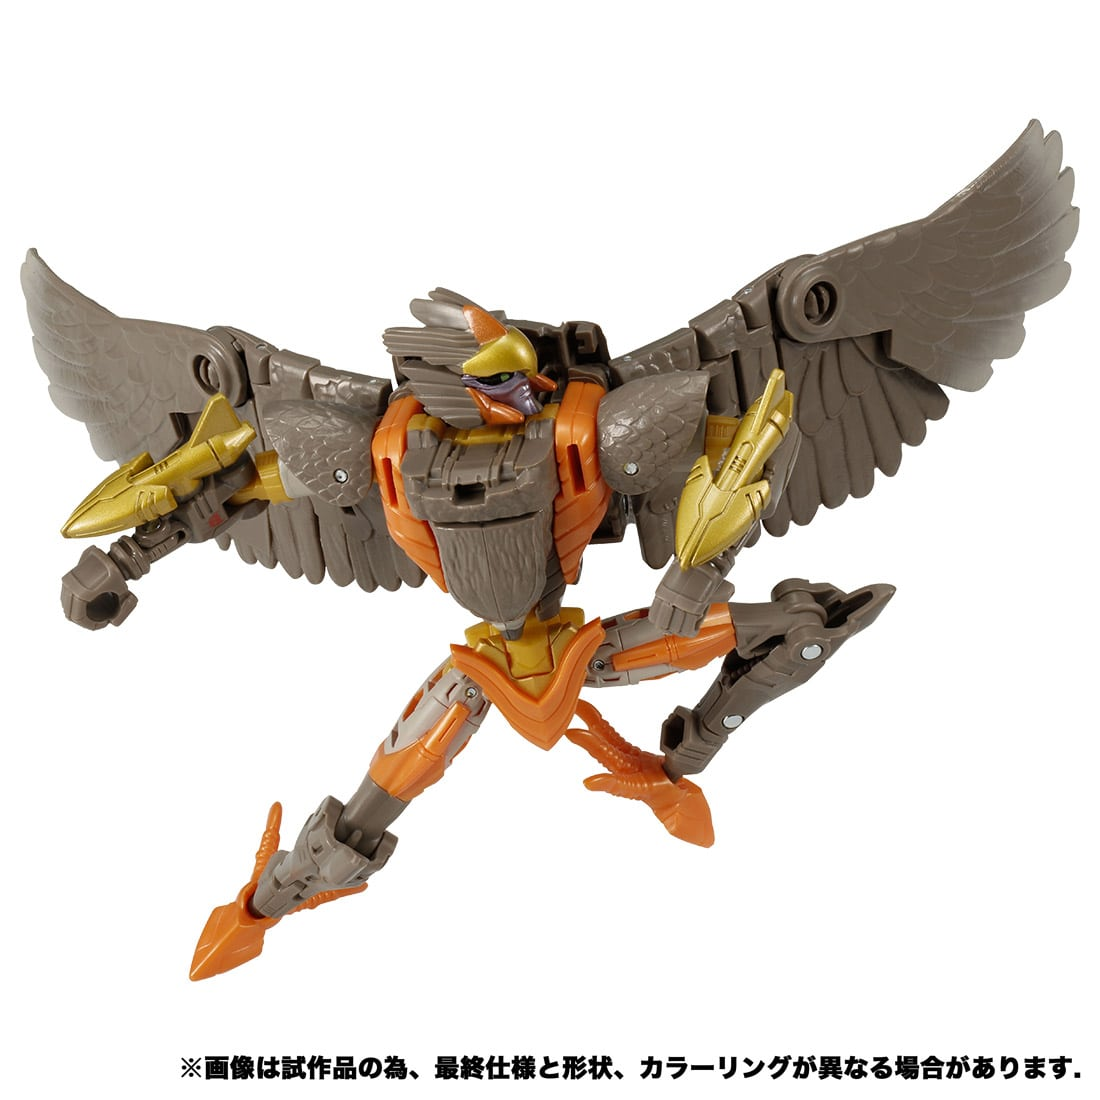 トランスフォーマー キングダム『KD-09 エアラザー』可変可動フィギュア-006